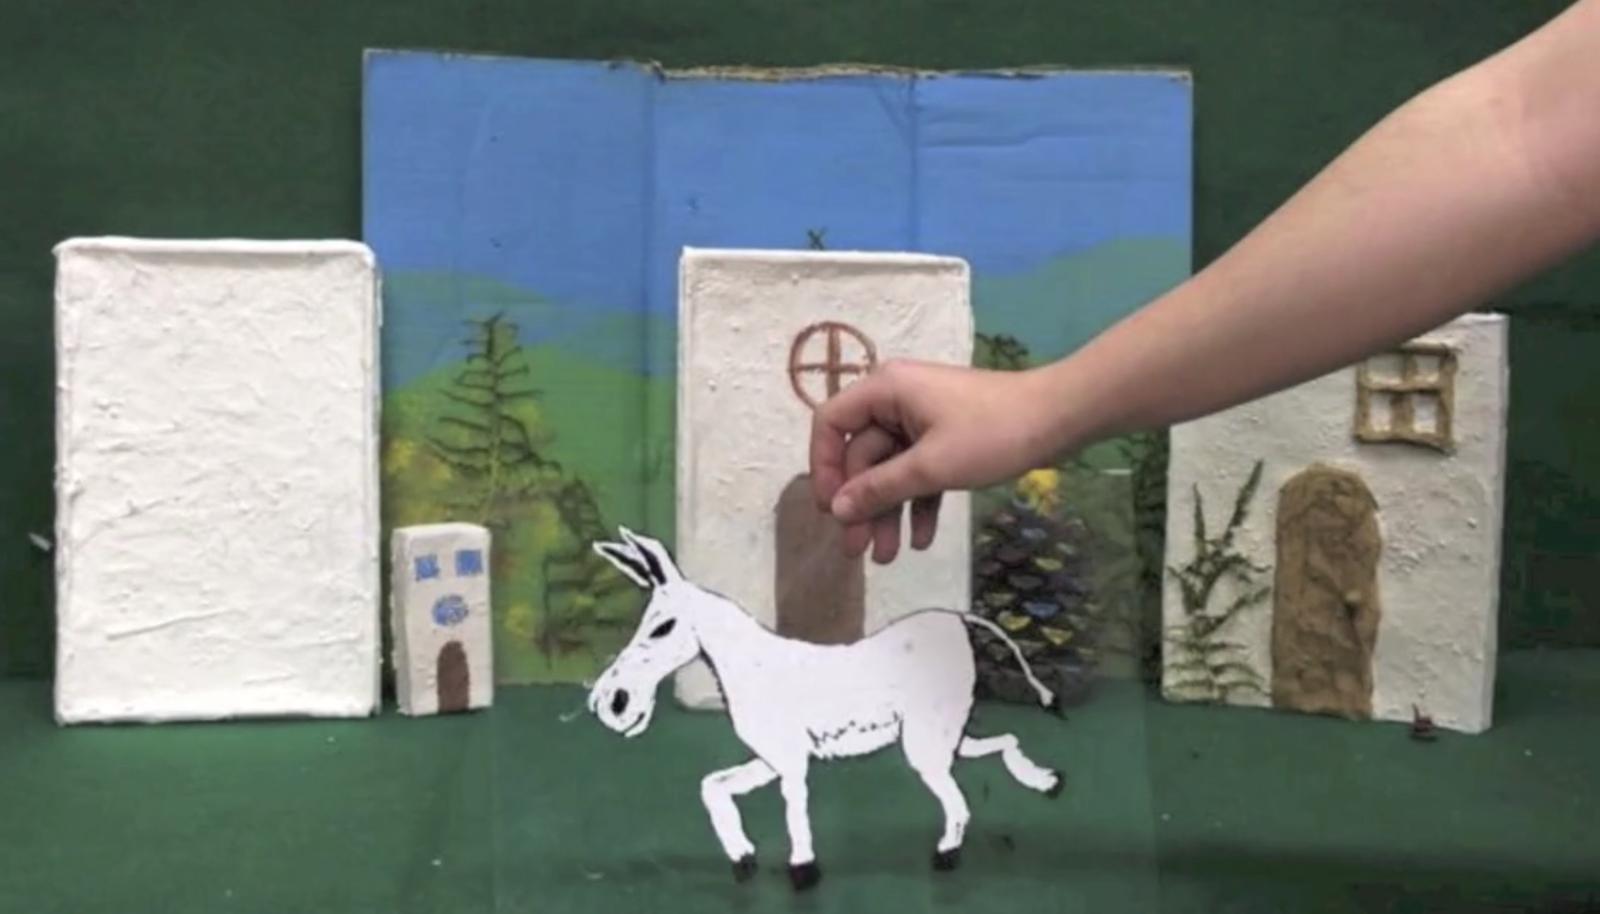 Taller de animación stop motion y dibujos animados 2D: Como hacer ...